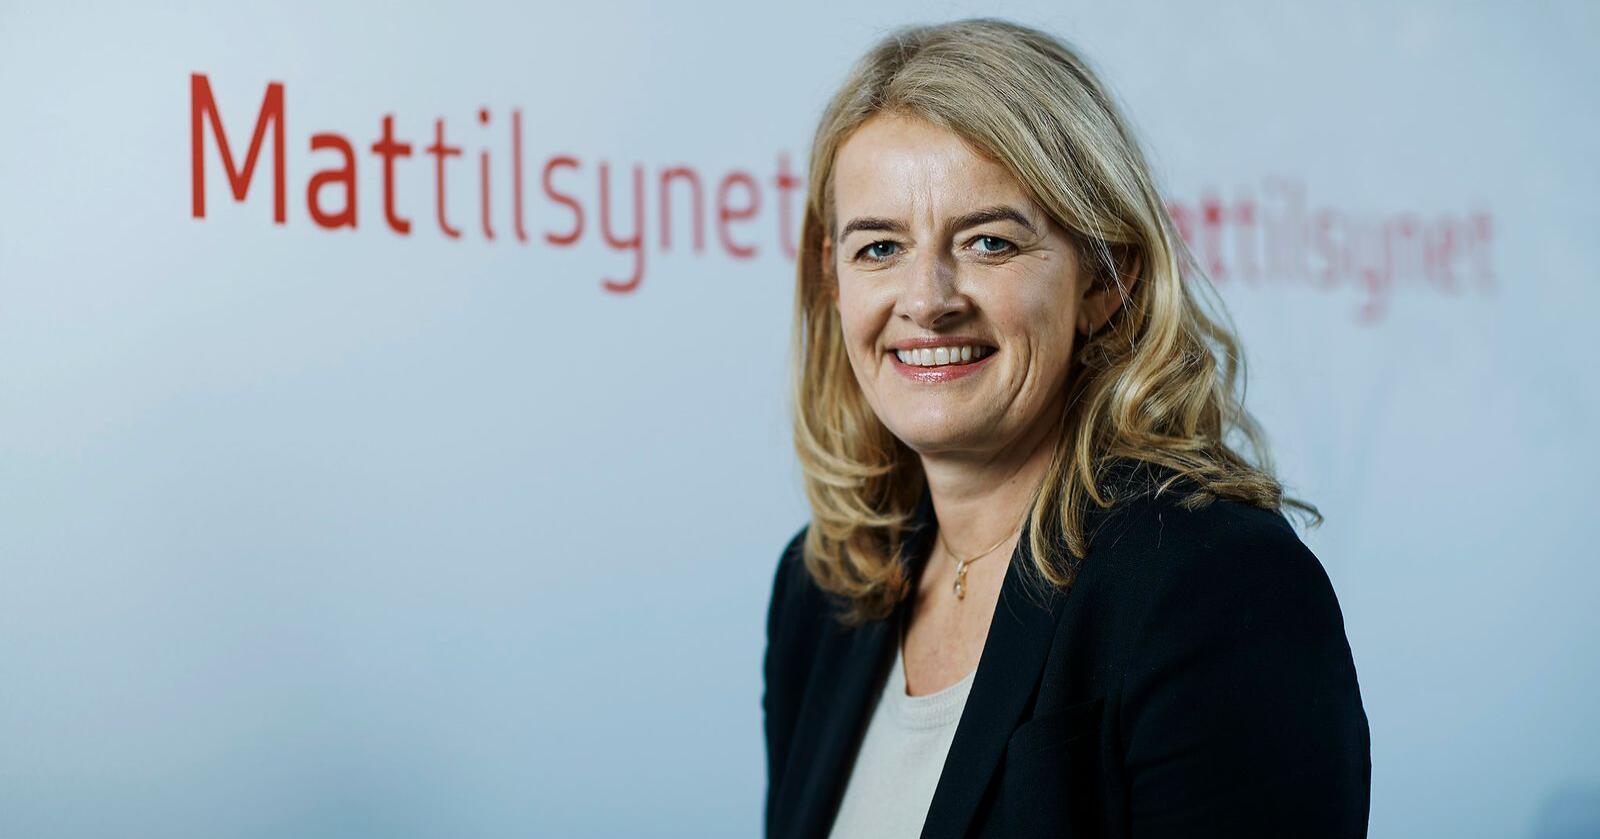 Blant hovedprioriteringene til Mattilsynet i 2020 er å ha bedre dialog med næringene og gi bedre veiledning, skriver direktør Ingunn Midttun Godal i Mattilsynet. (Foto: www.gudim.no)